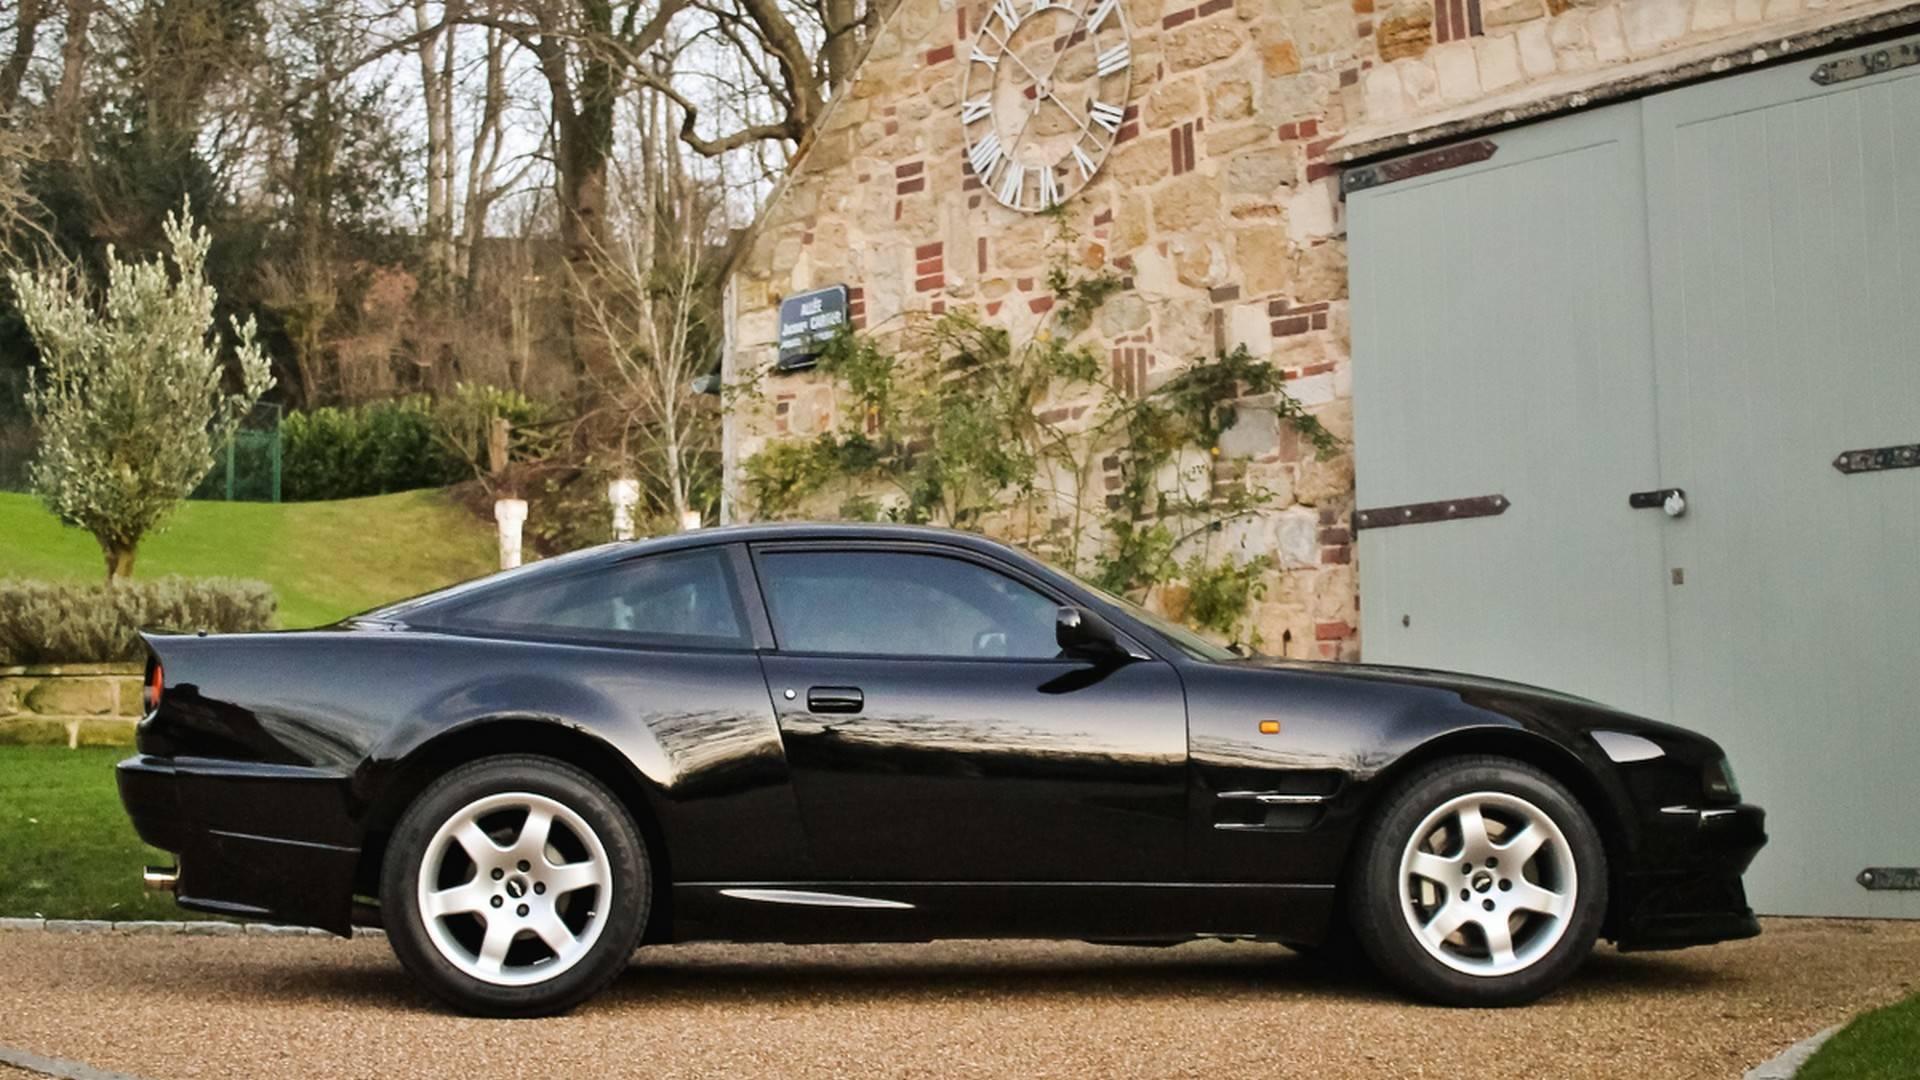 В наши дни британская автомобильная марка Aston Martin преимущественно выпускает гран-туреры – роскошные и комфортные автомобили для долгих путешествий. Но в 90-е годы её амплуа было несколько иным, и тюнеры о нём помнят.